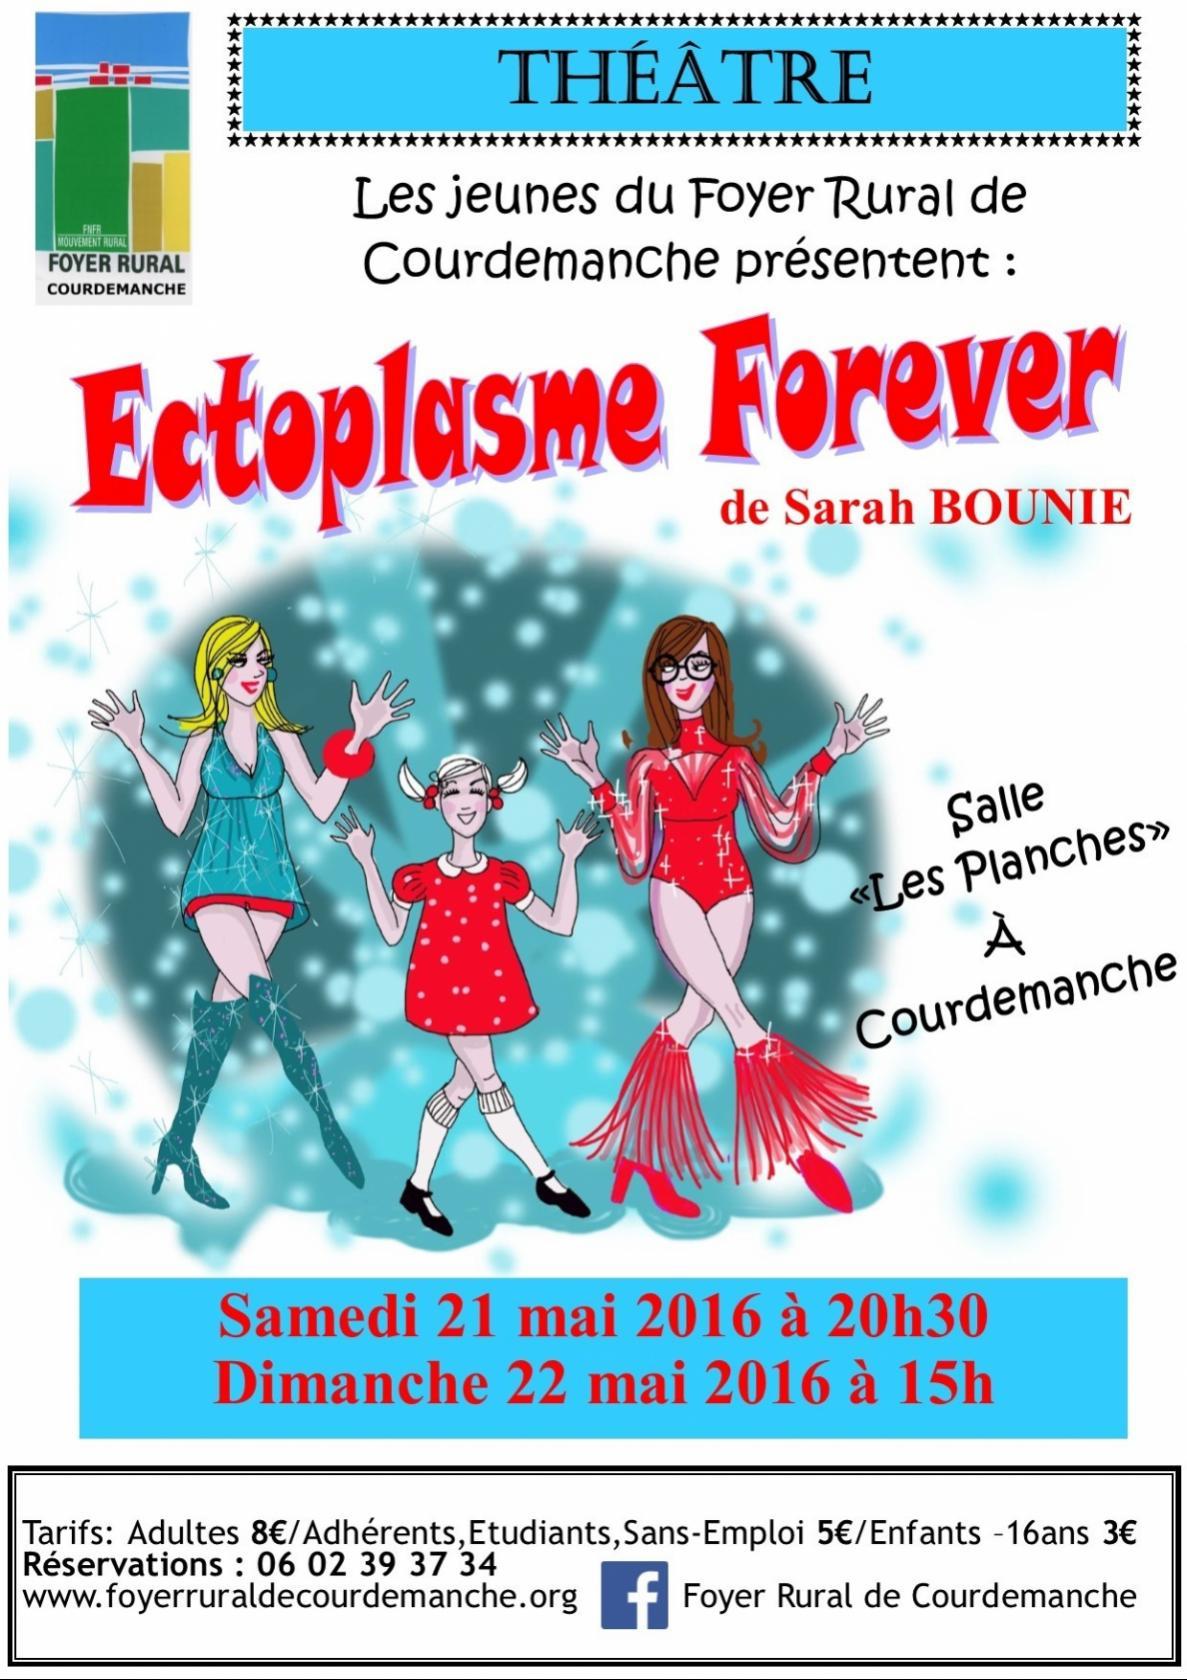 Ectoplasme Forever par la troupe ado du FRC Courdemanche